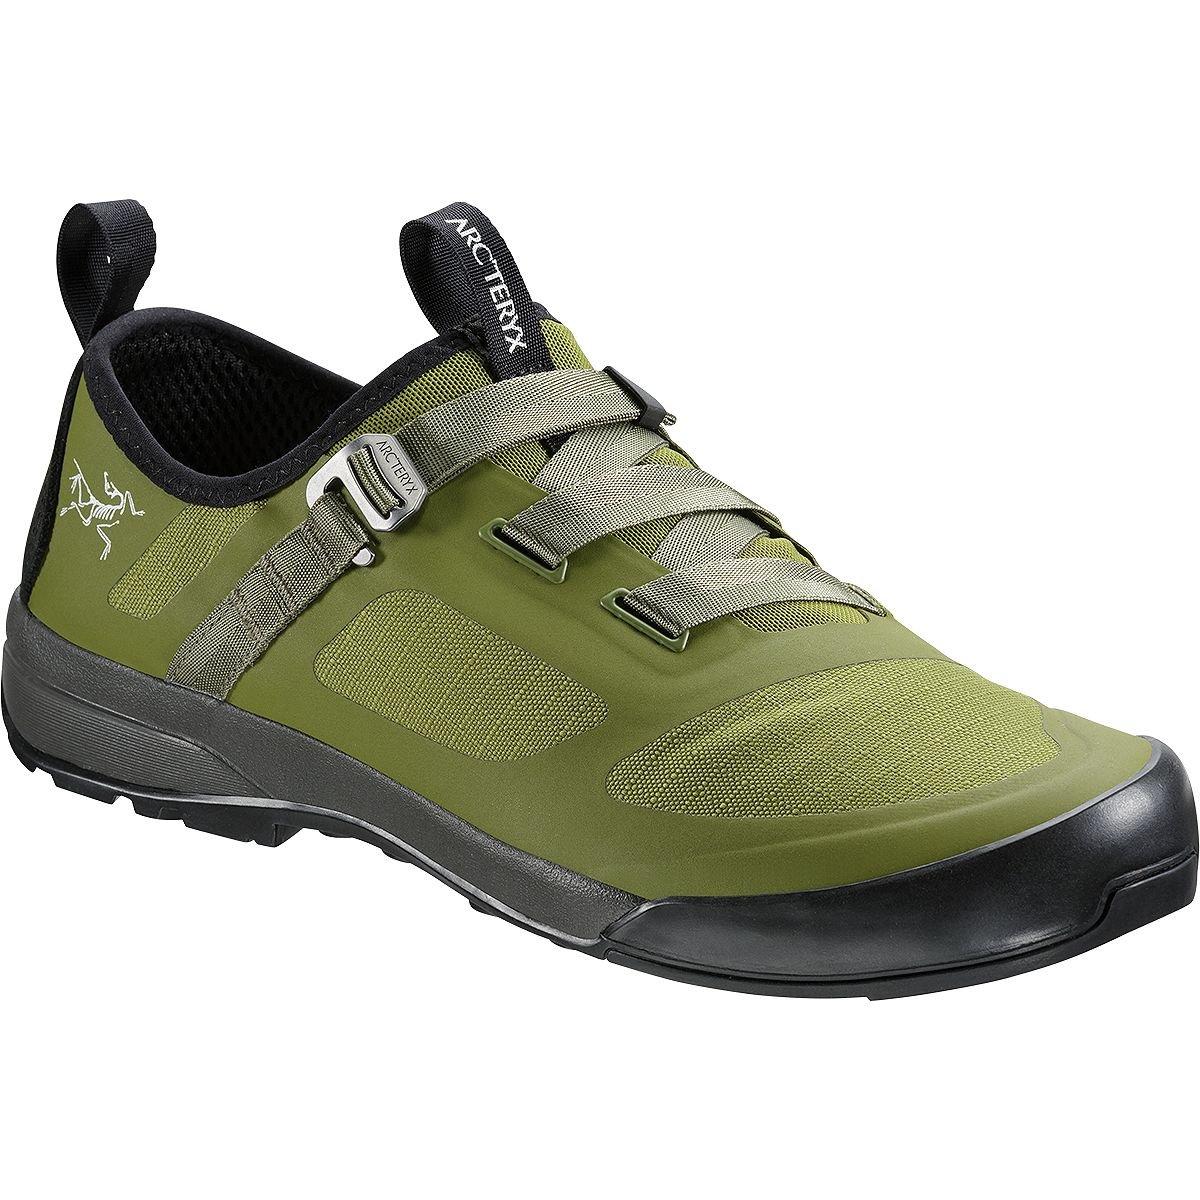 ARC'TERYX(アークテリクス) Arakys Approach Shoe Men's アラキス アプローチ シューズ メンズ 18718 B071G2B4JN 11.5 D(M) US Carmanah/Tarragon